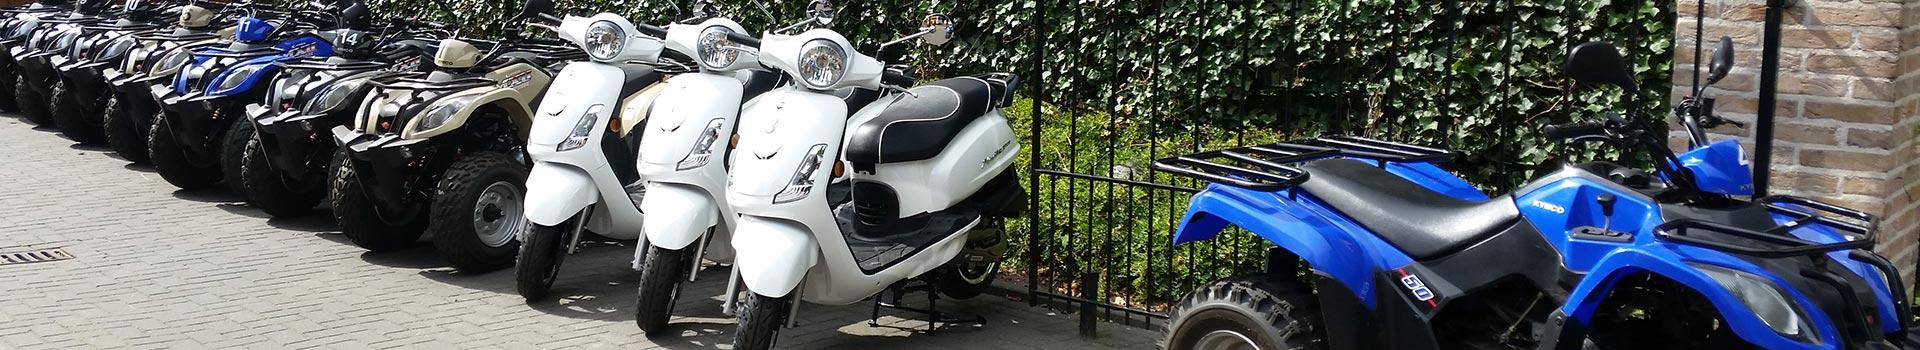 quads-en-scooters